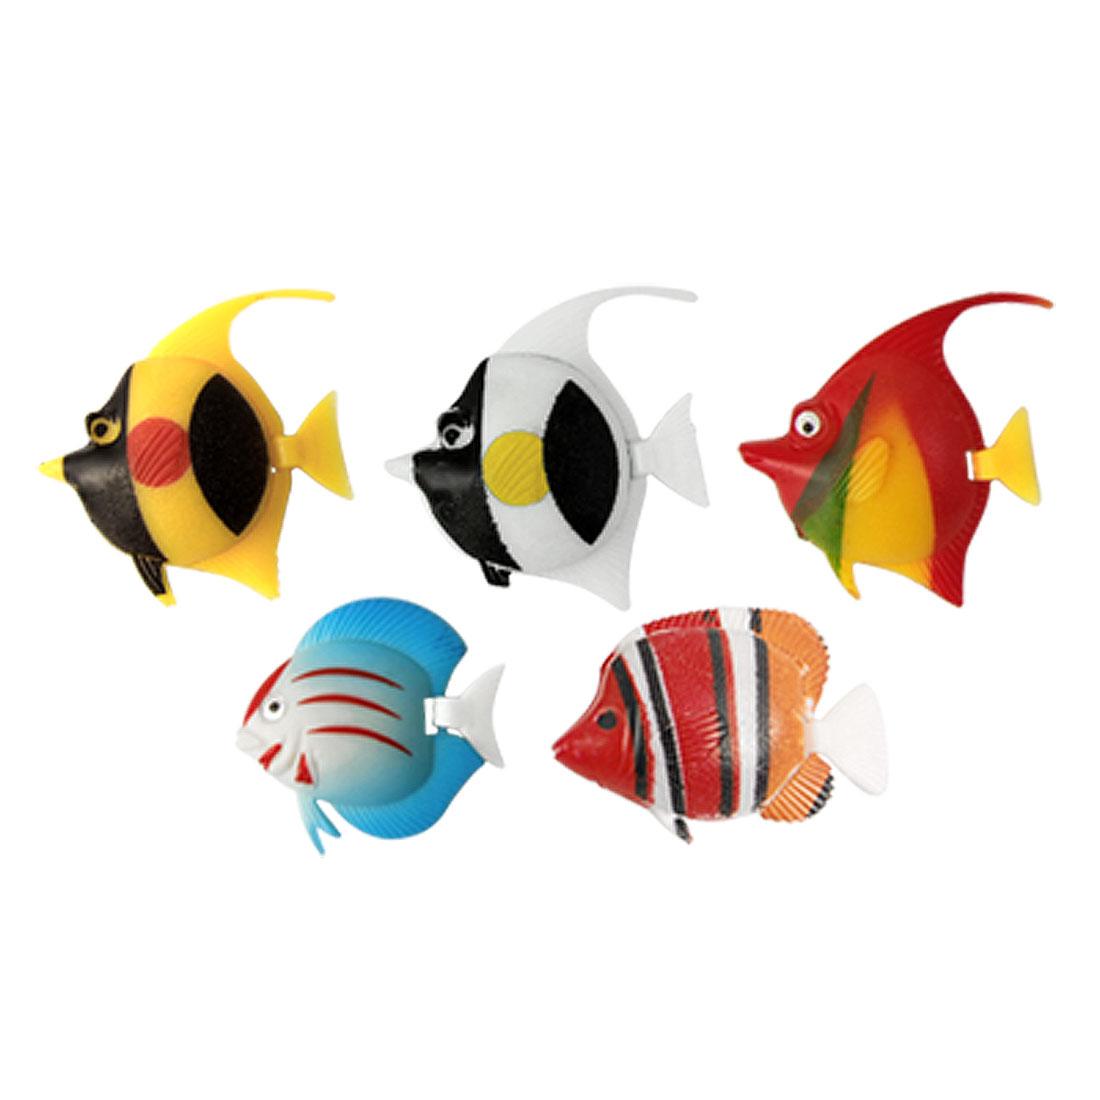 5 Pcs Multi-colored Plastic Tropical Fish Decor for Aquarium